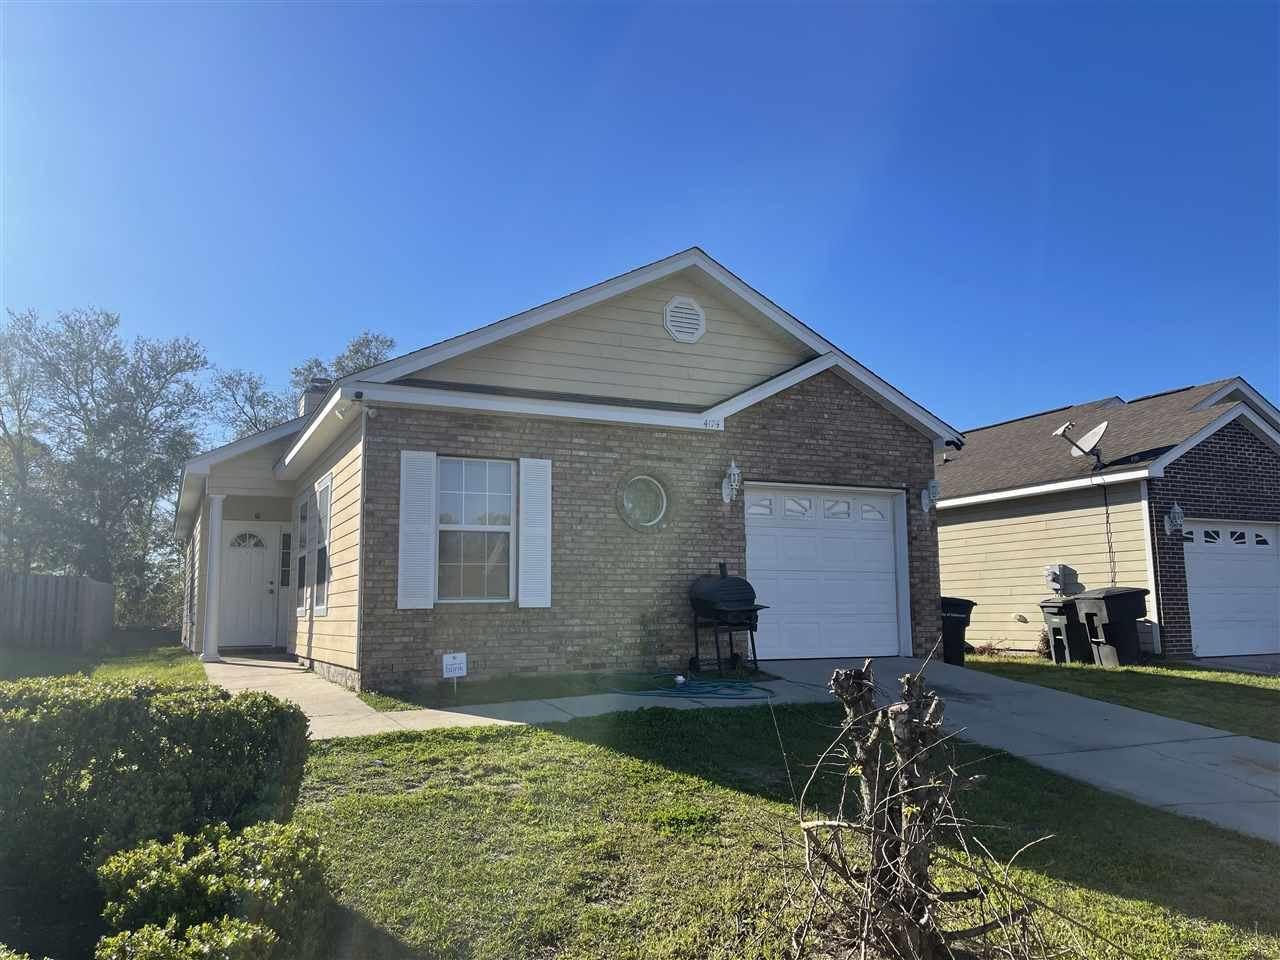 4174 Ridge Haven Road, Tallahassee, FL 32301 - MLS#: 332393